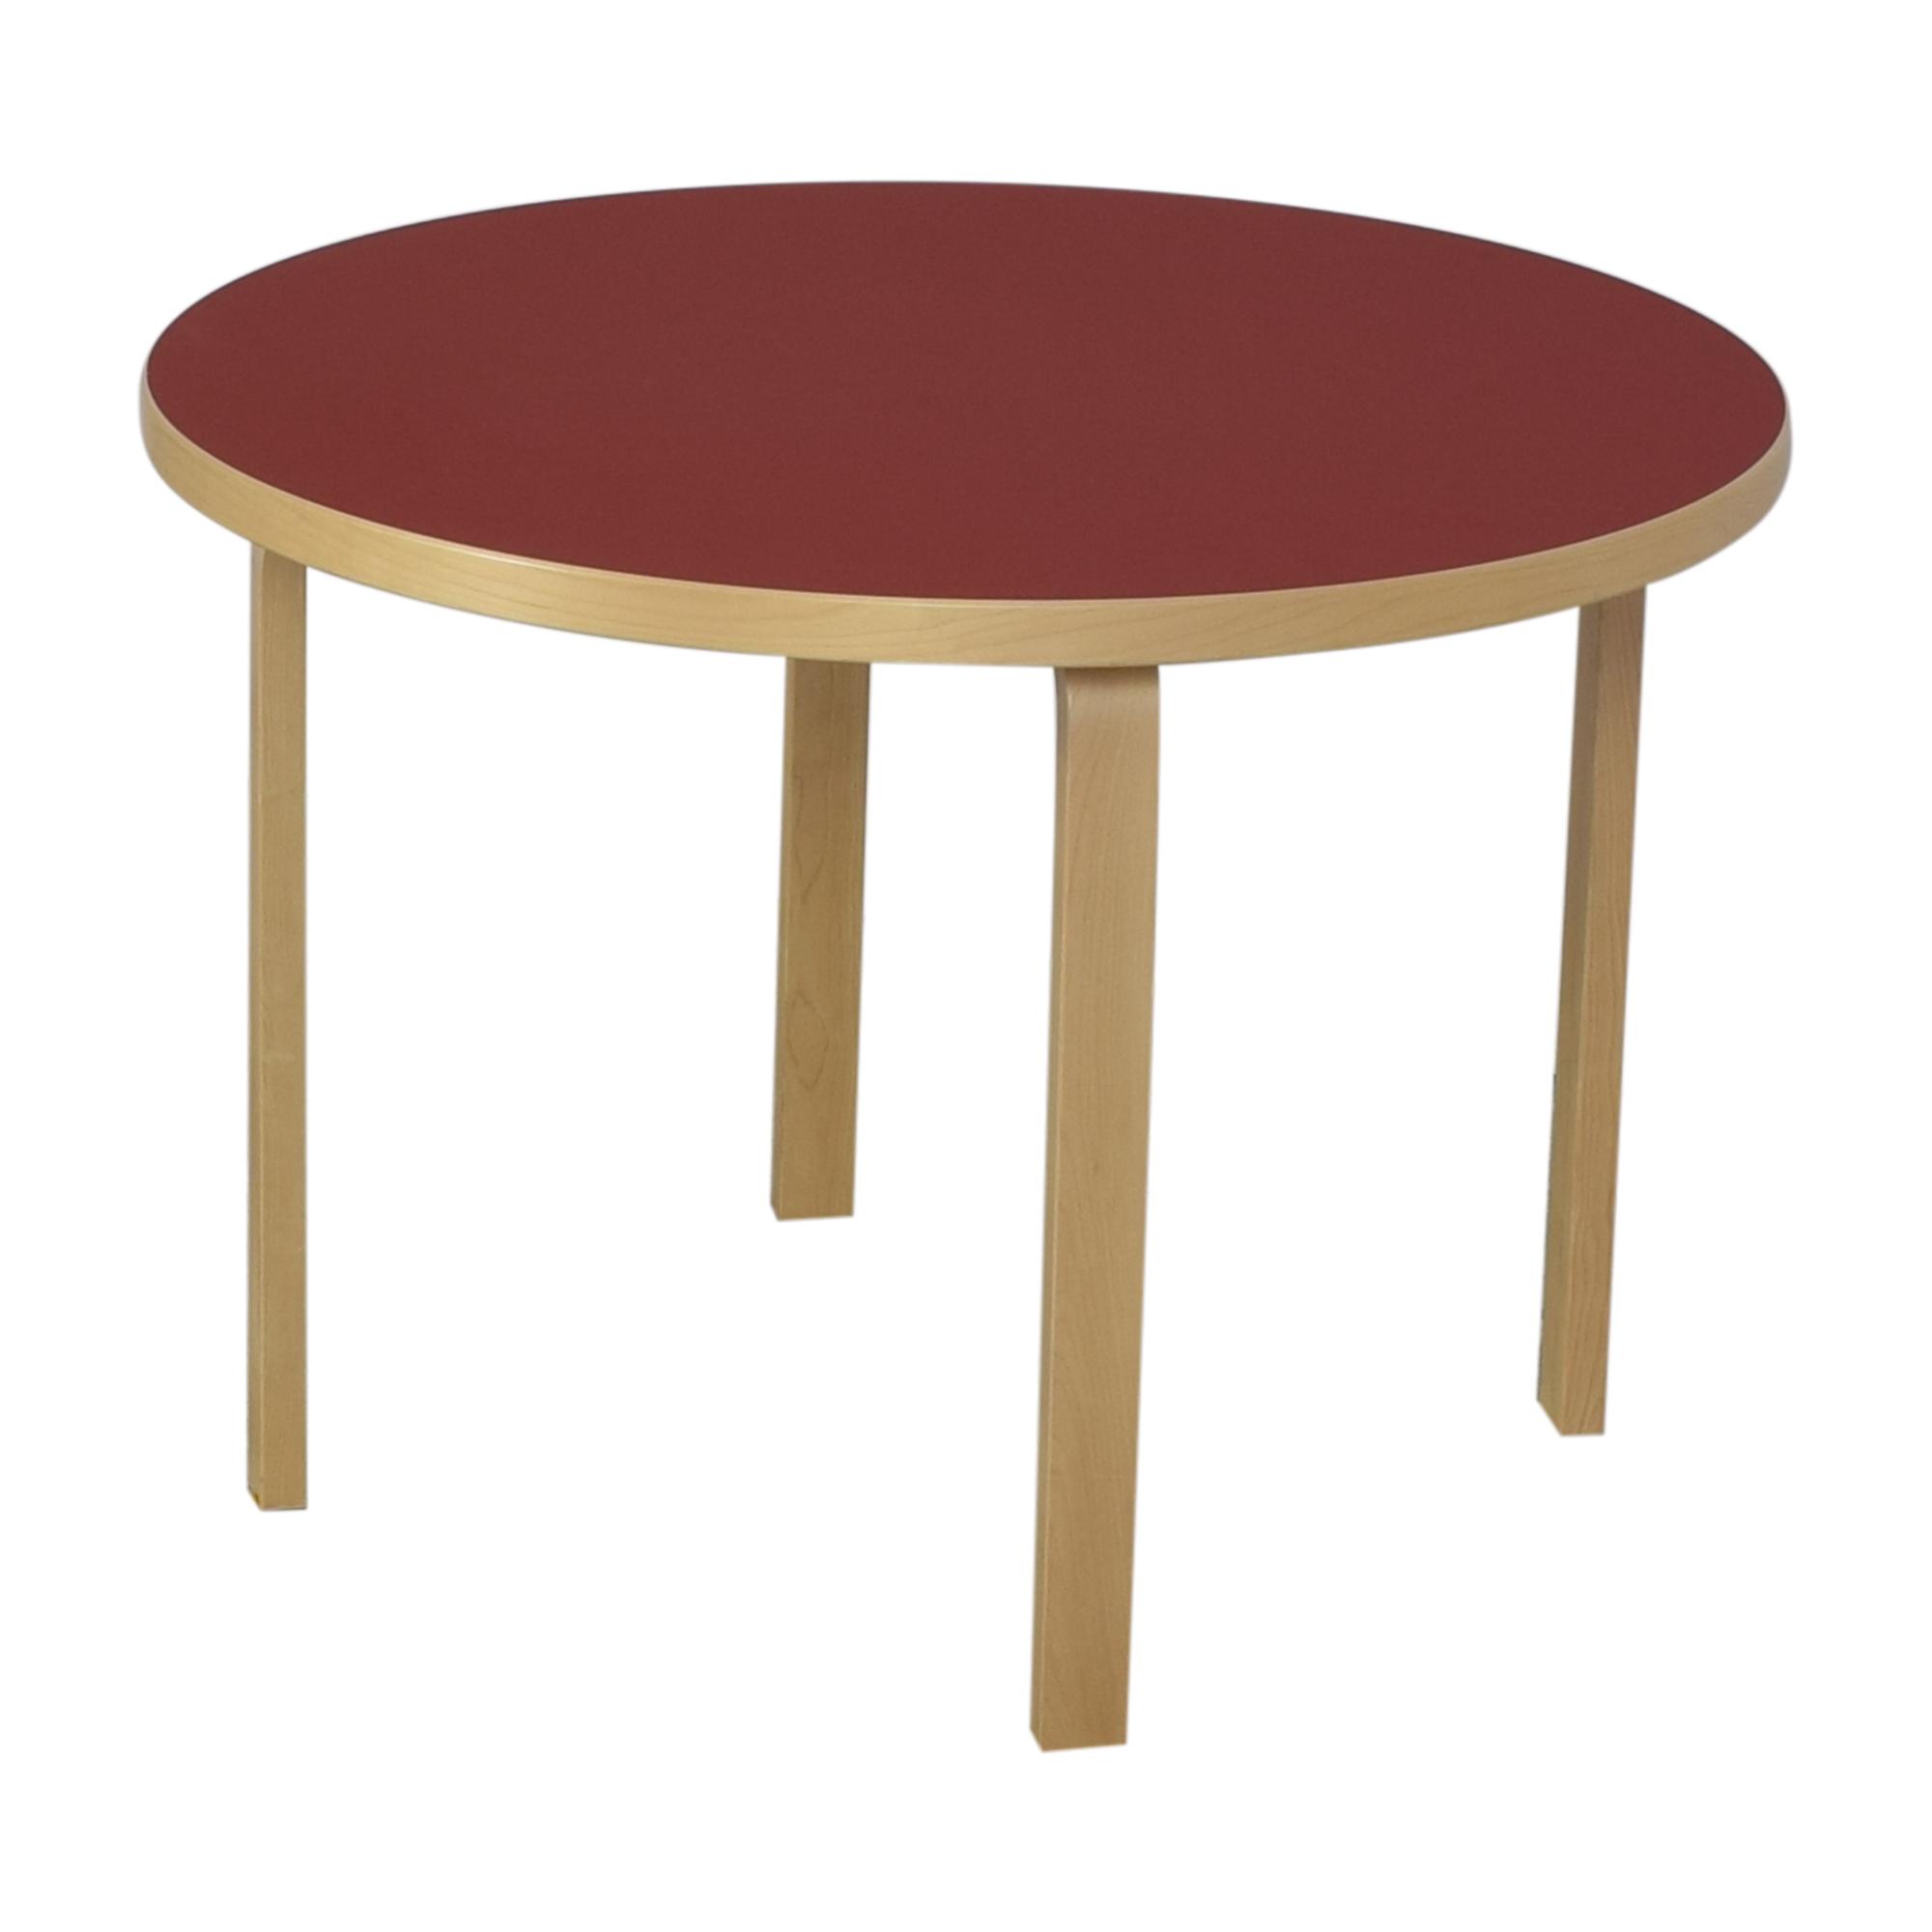 Artek Artek Alvar Aalto Table 90a ma